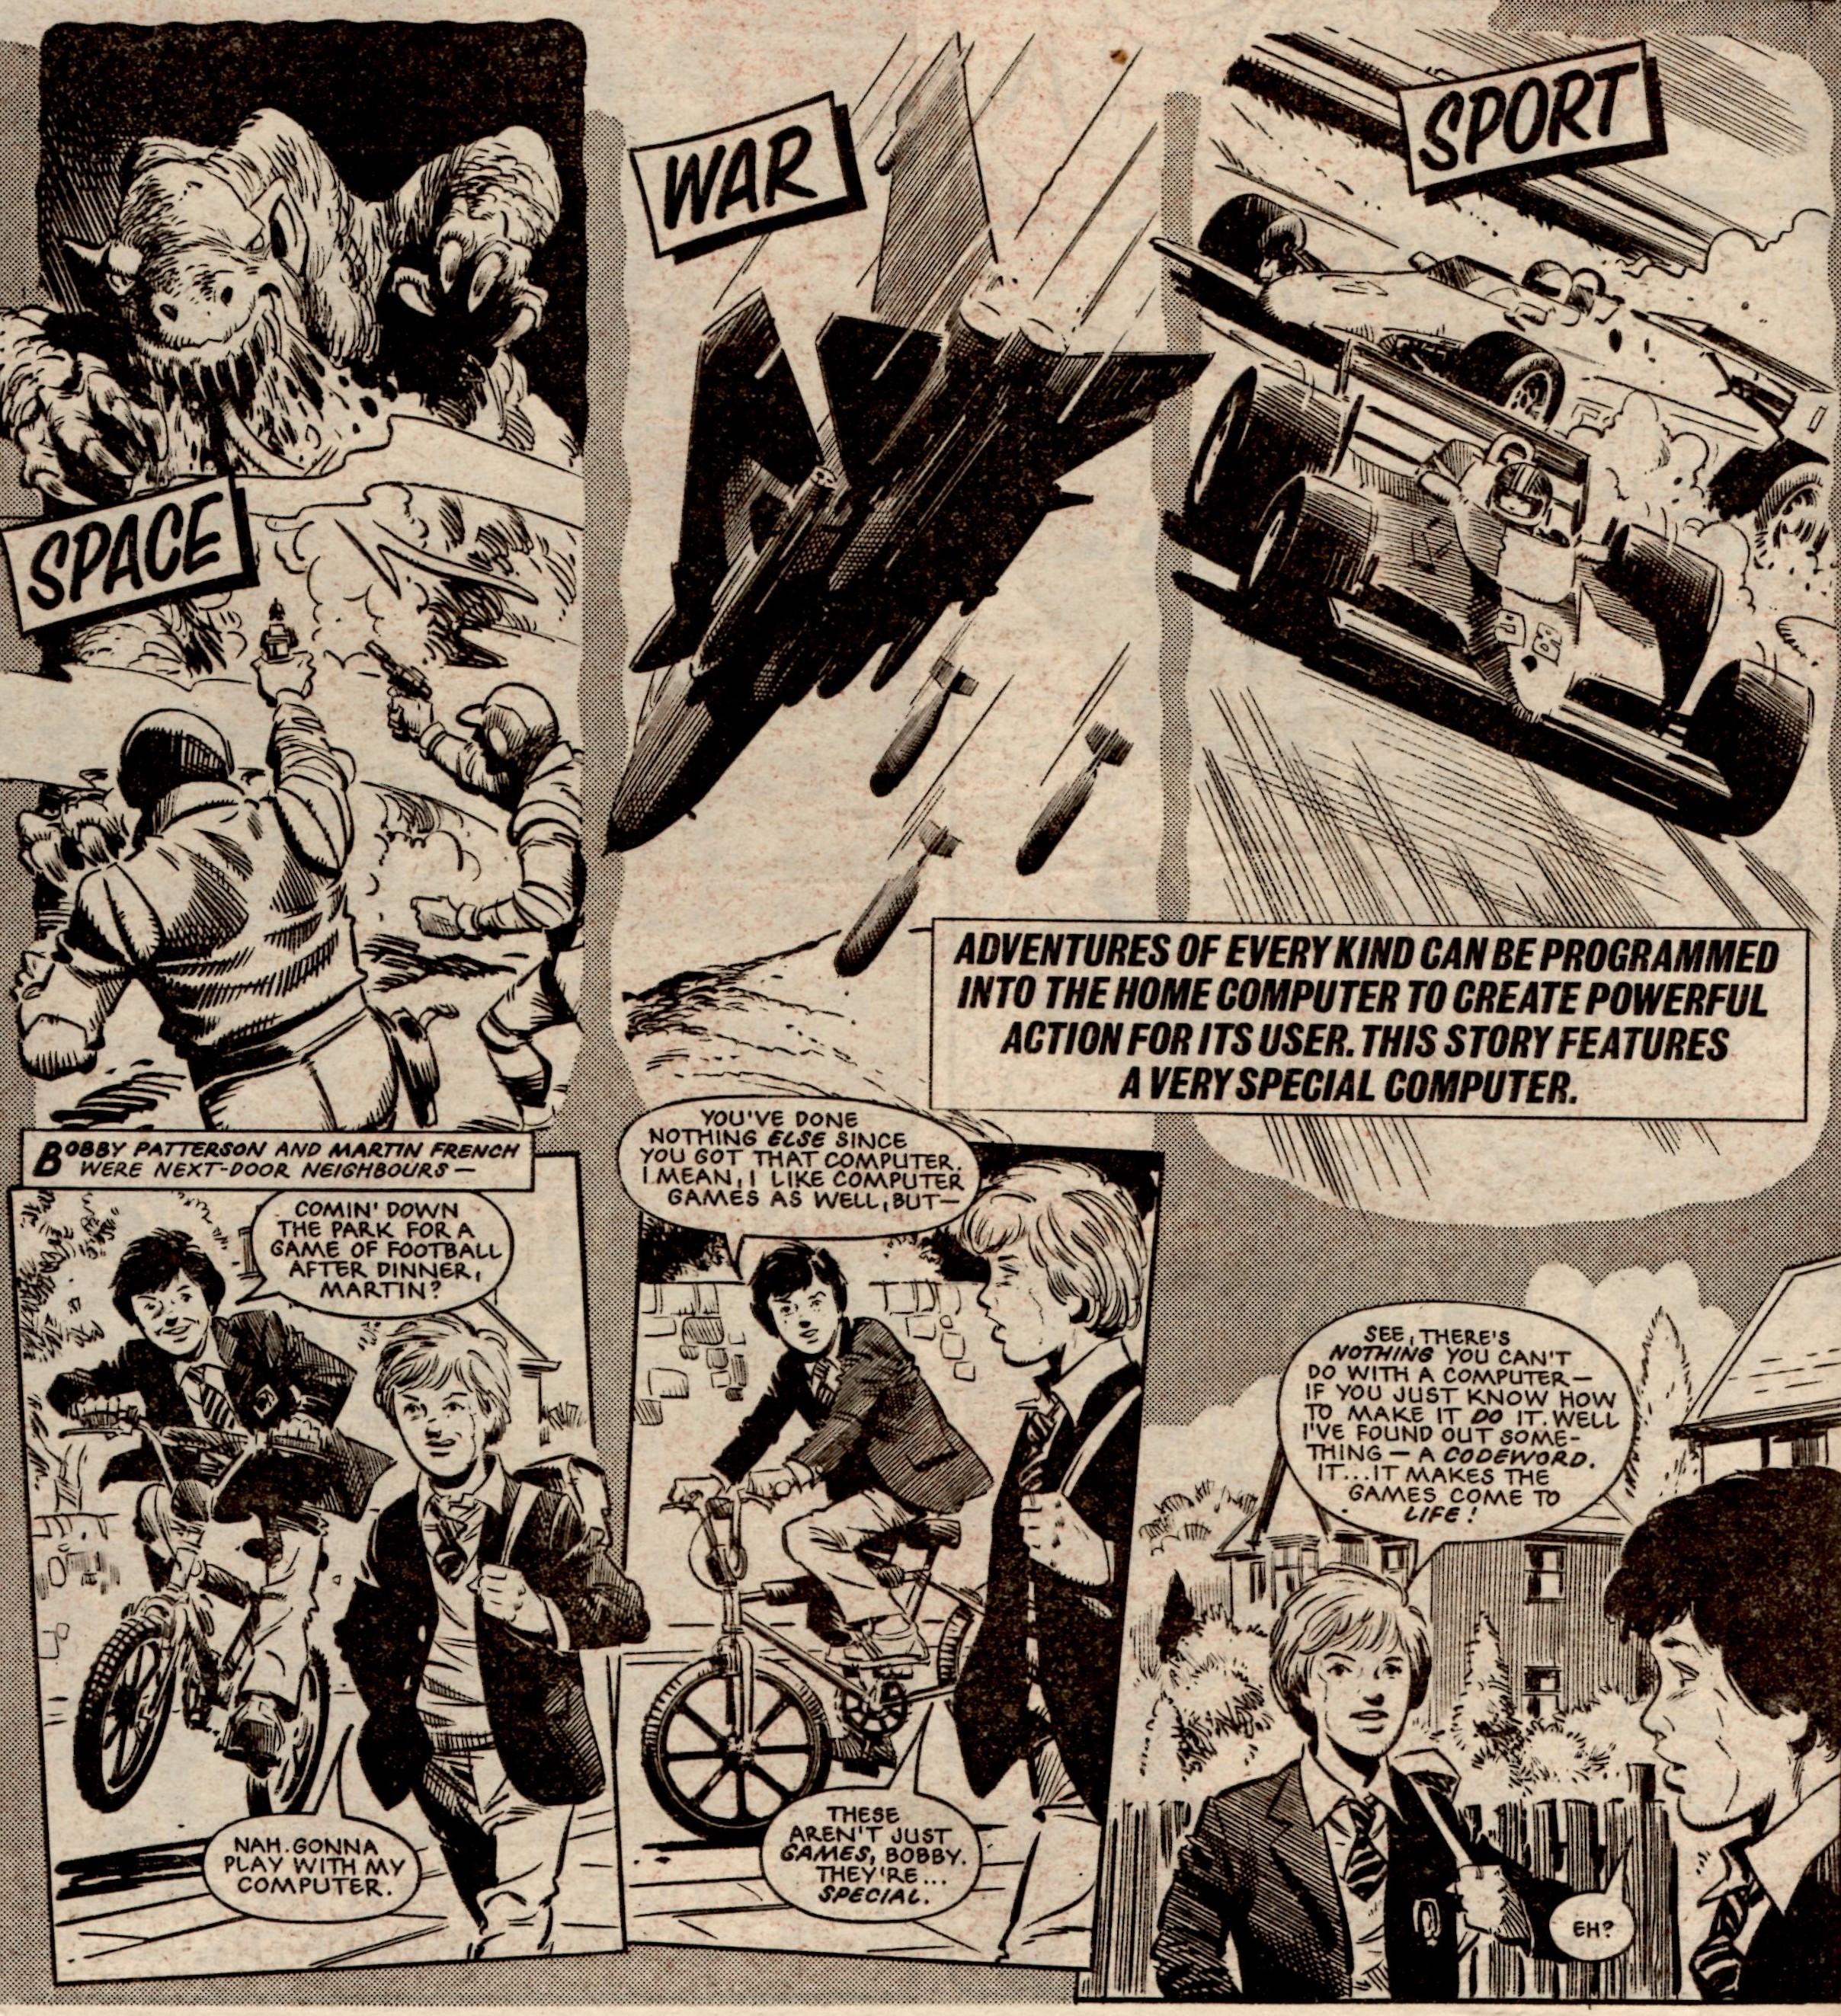 The Ultimate Warrior: Alan Grant (writer), John Cooper (artist)